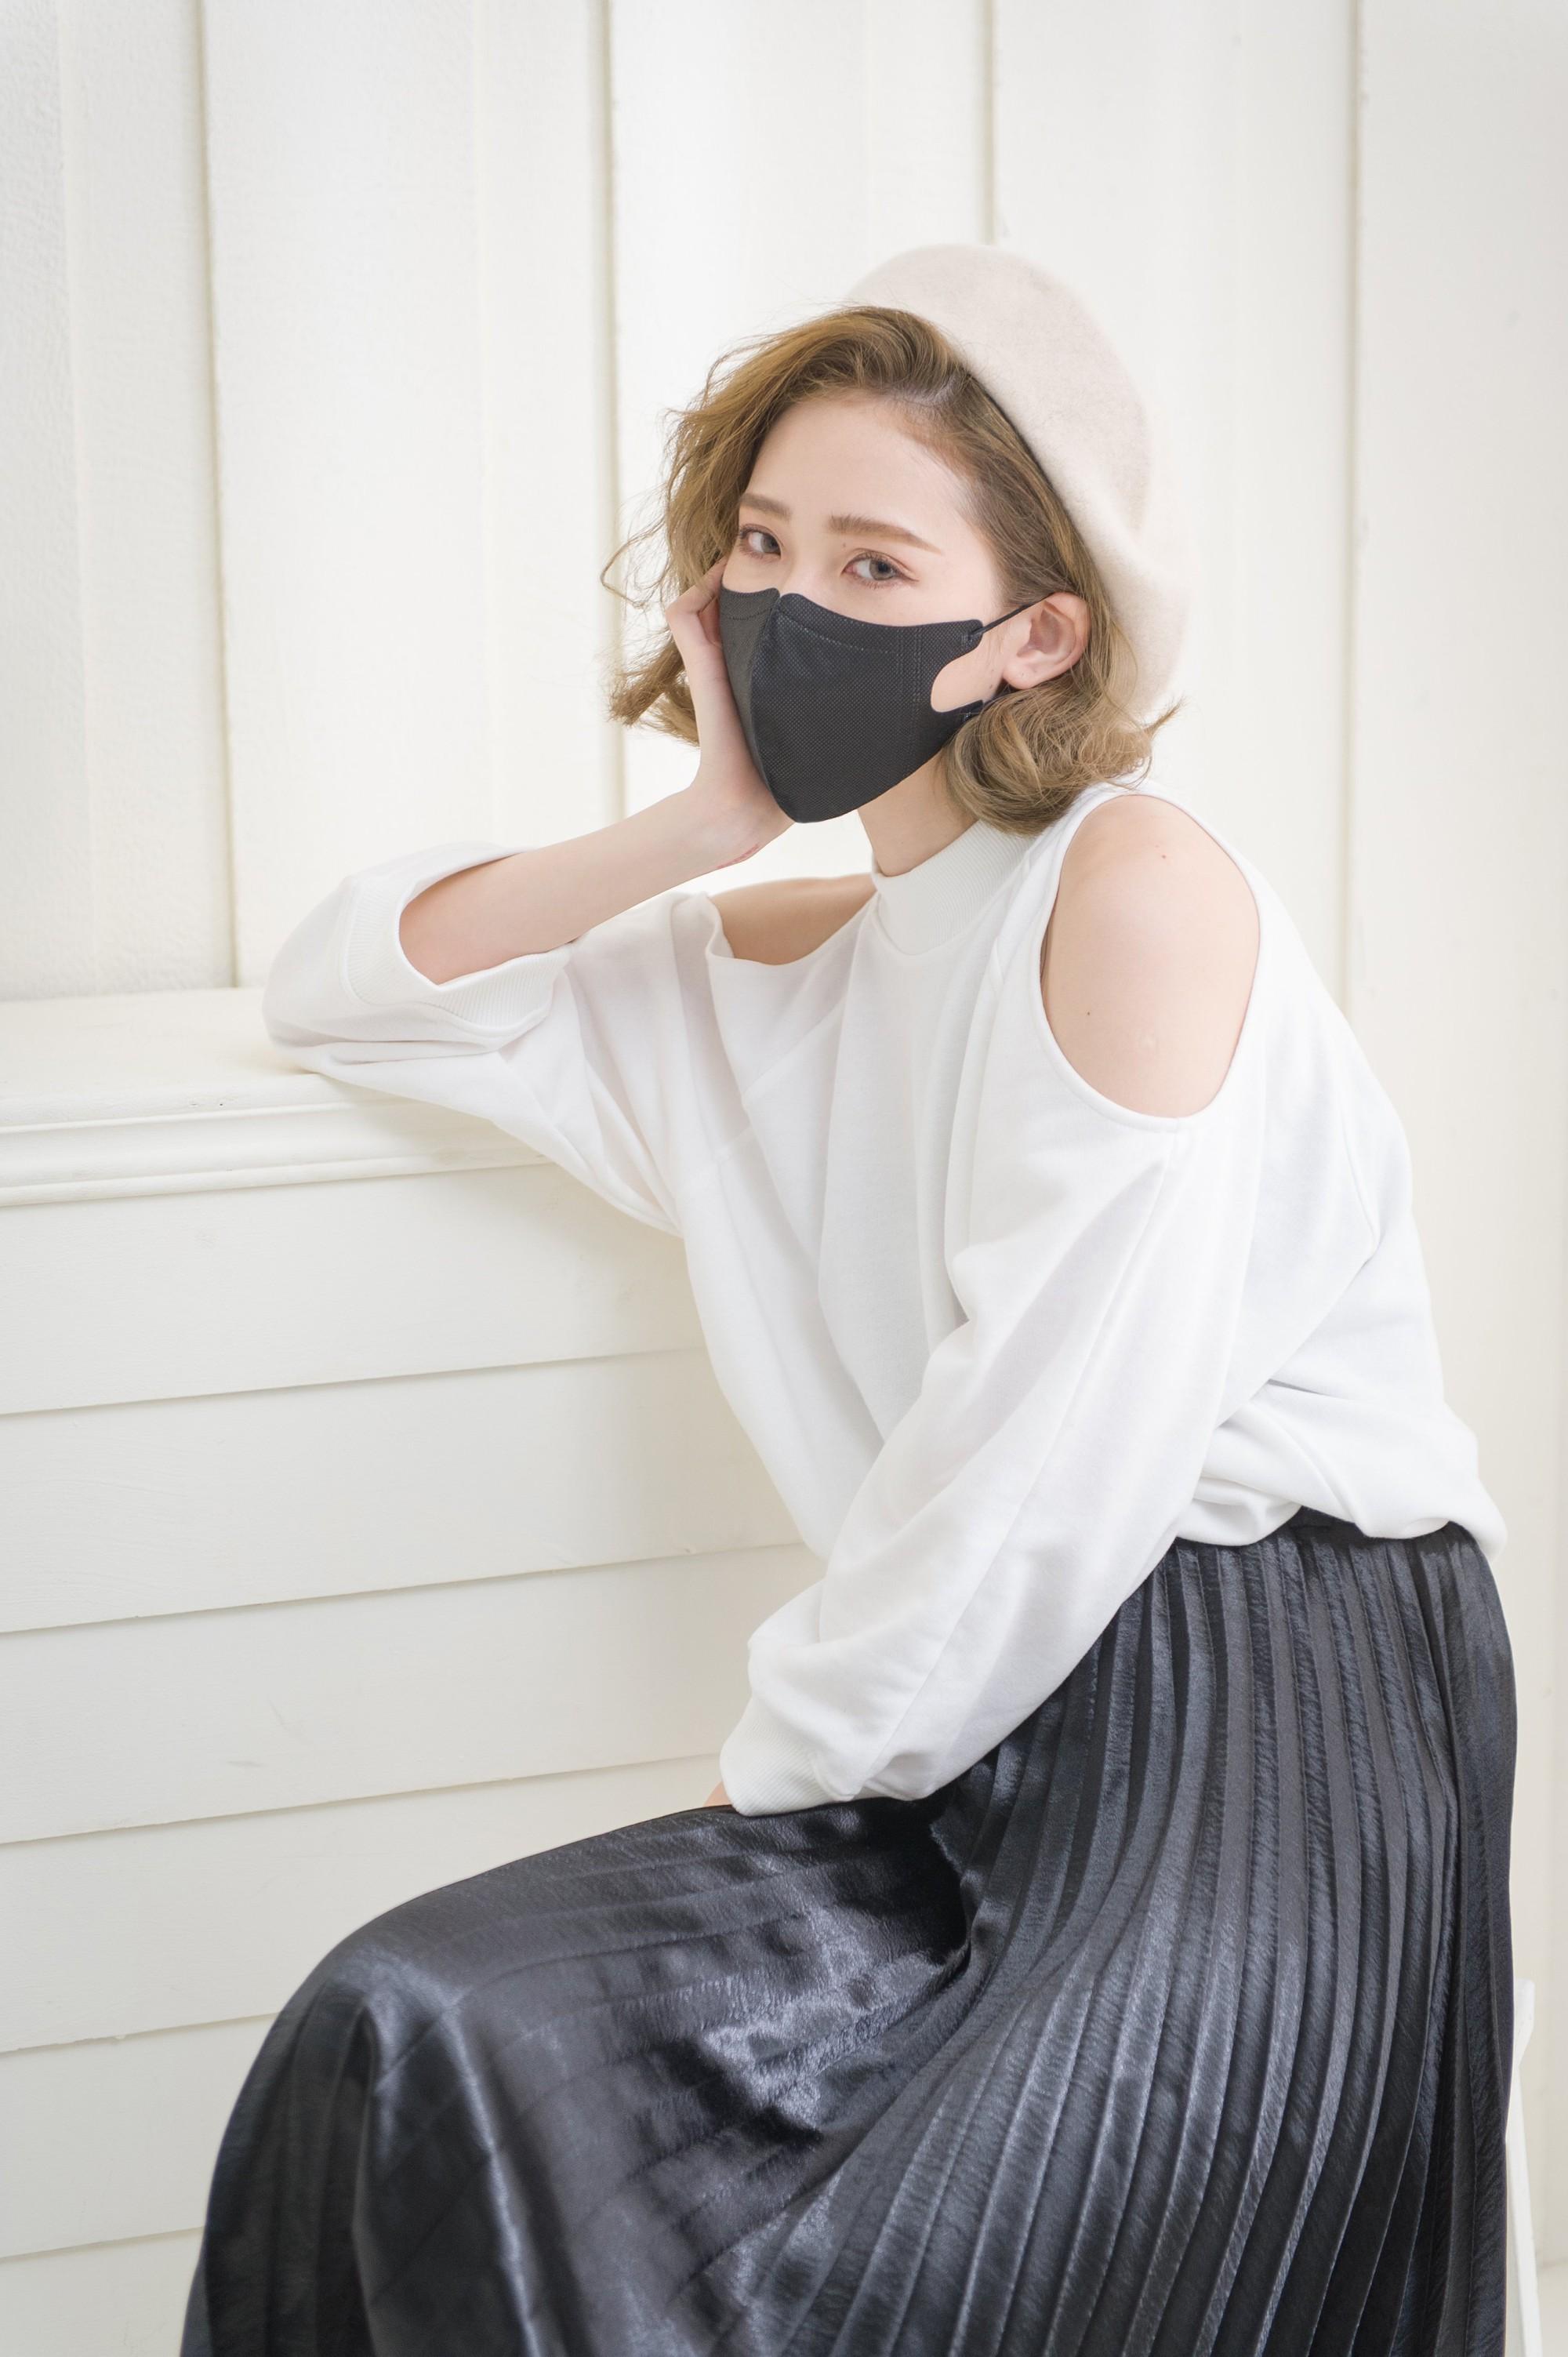 Giới trẻ châu Á đeo khẩu trang ngày một nhiều nhưng không phải để che bụi hay do bị cảm mà để trông... chất hơn - Ảnh 7.